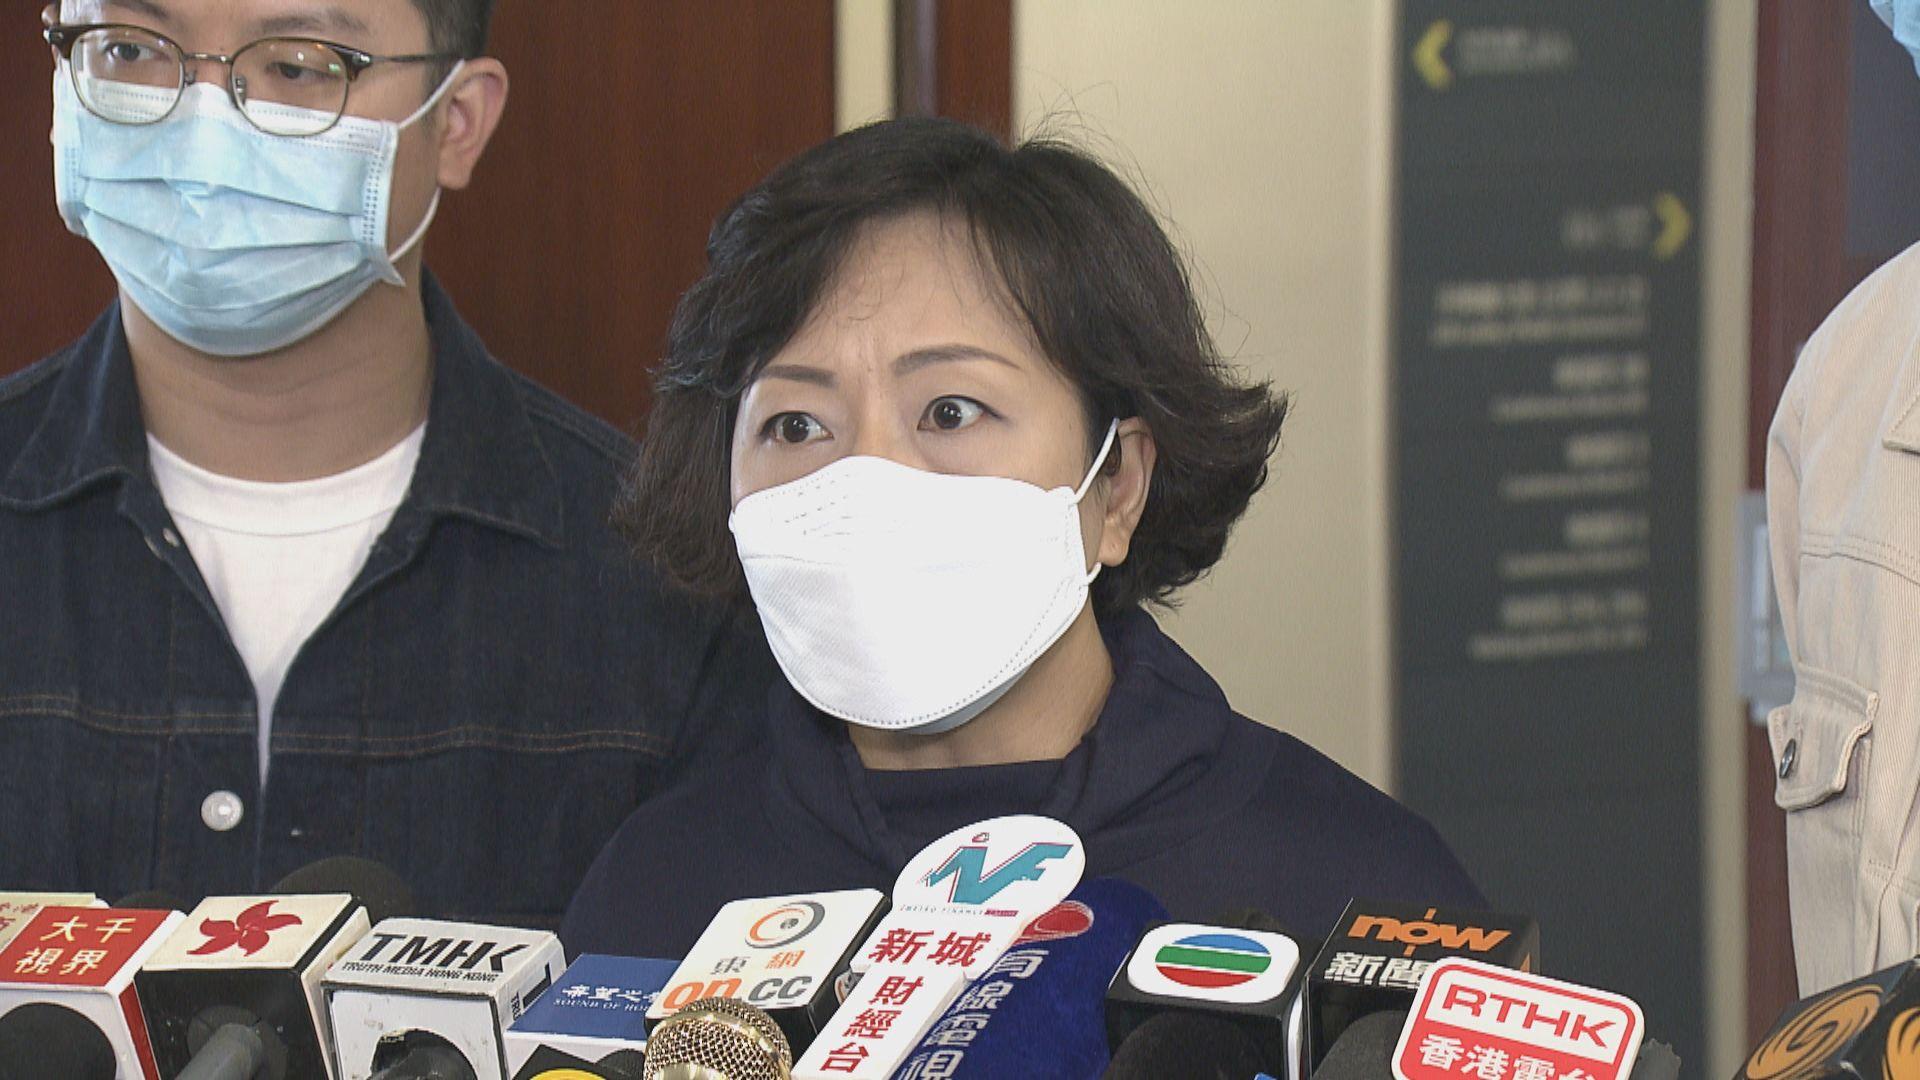 工聯會促對高危國停免簽證 民建聯倡包機接留學生